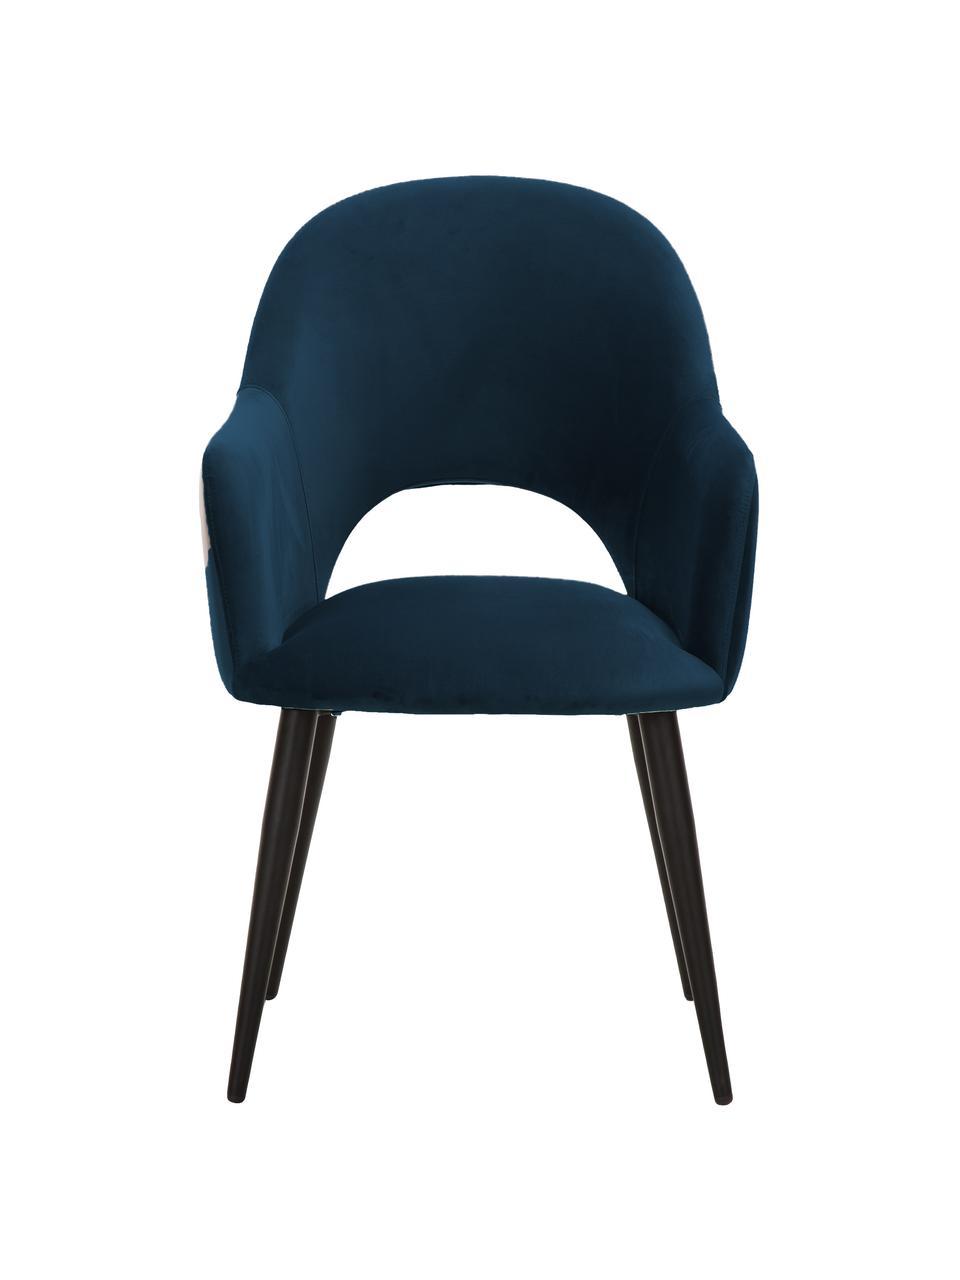 Sedia con braccioli in velluto blu scuro Rachel, Rivestimento: velluto (rivestimento in , Gambe: metallo verniciato a polv, Velluto blu scuro, Larg. 56 x Prof. 70 cm